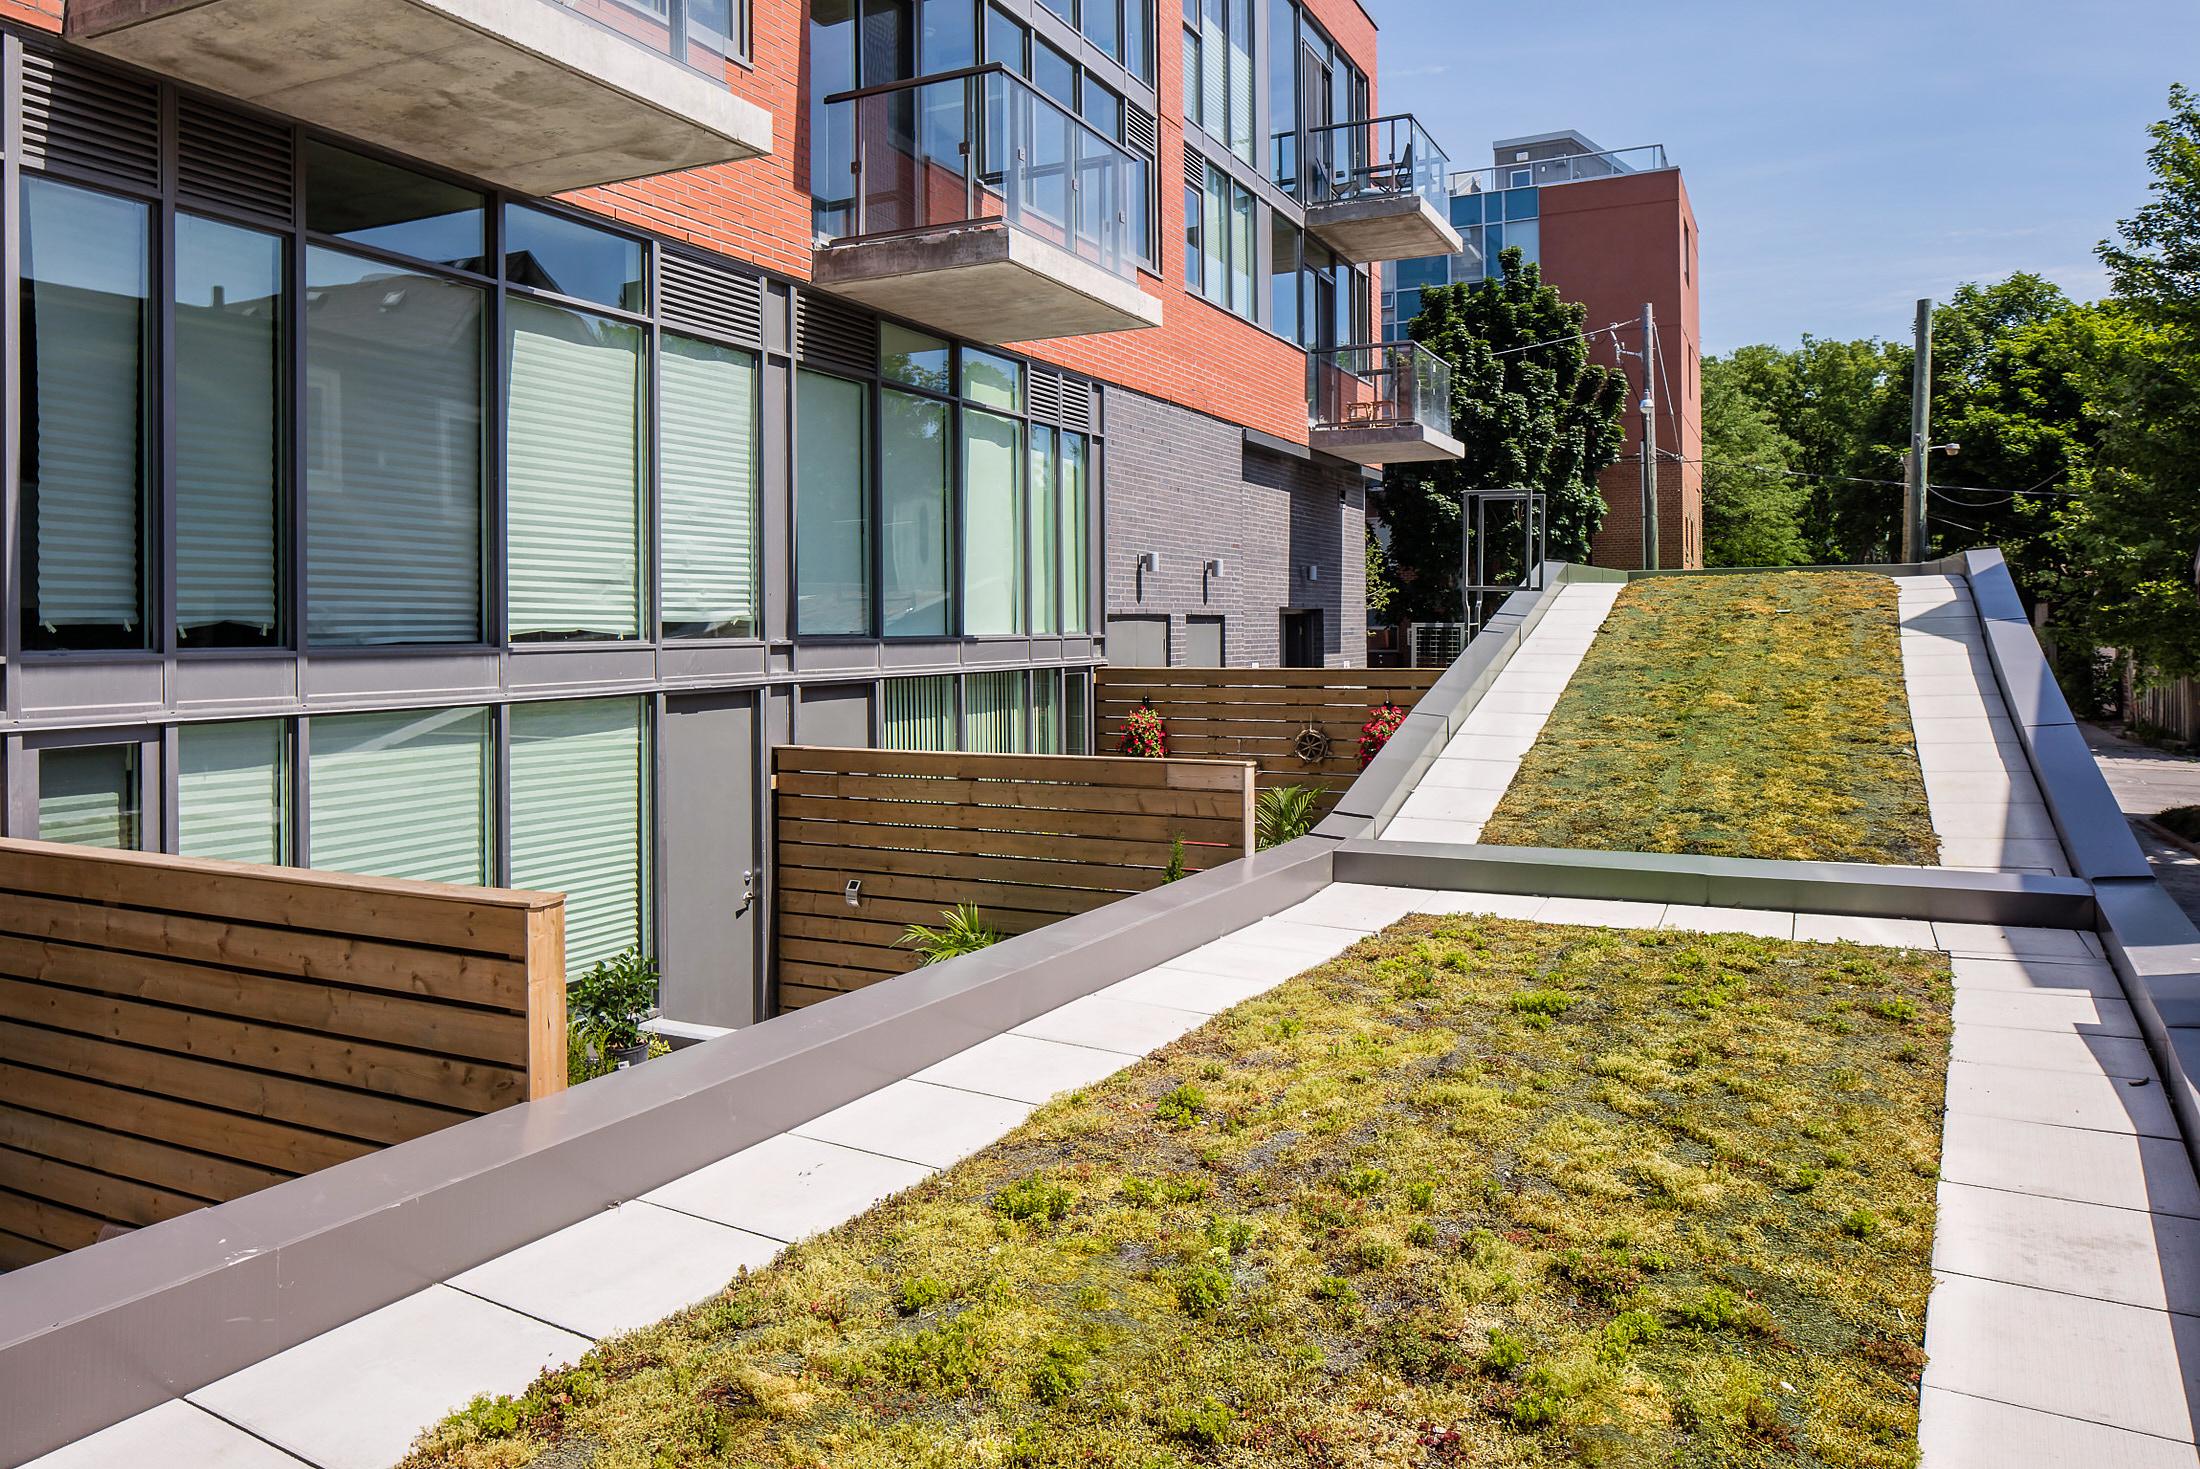 Beach Club Condo   - Quadrangle Architects